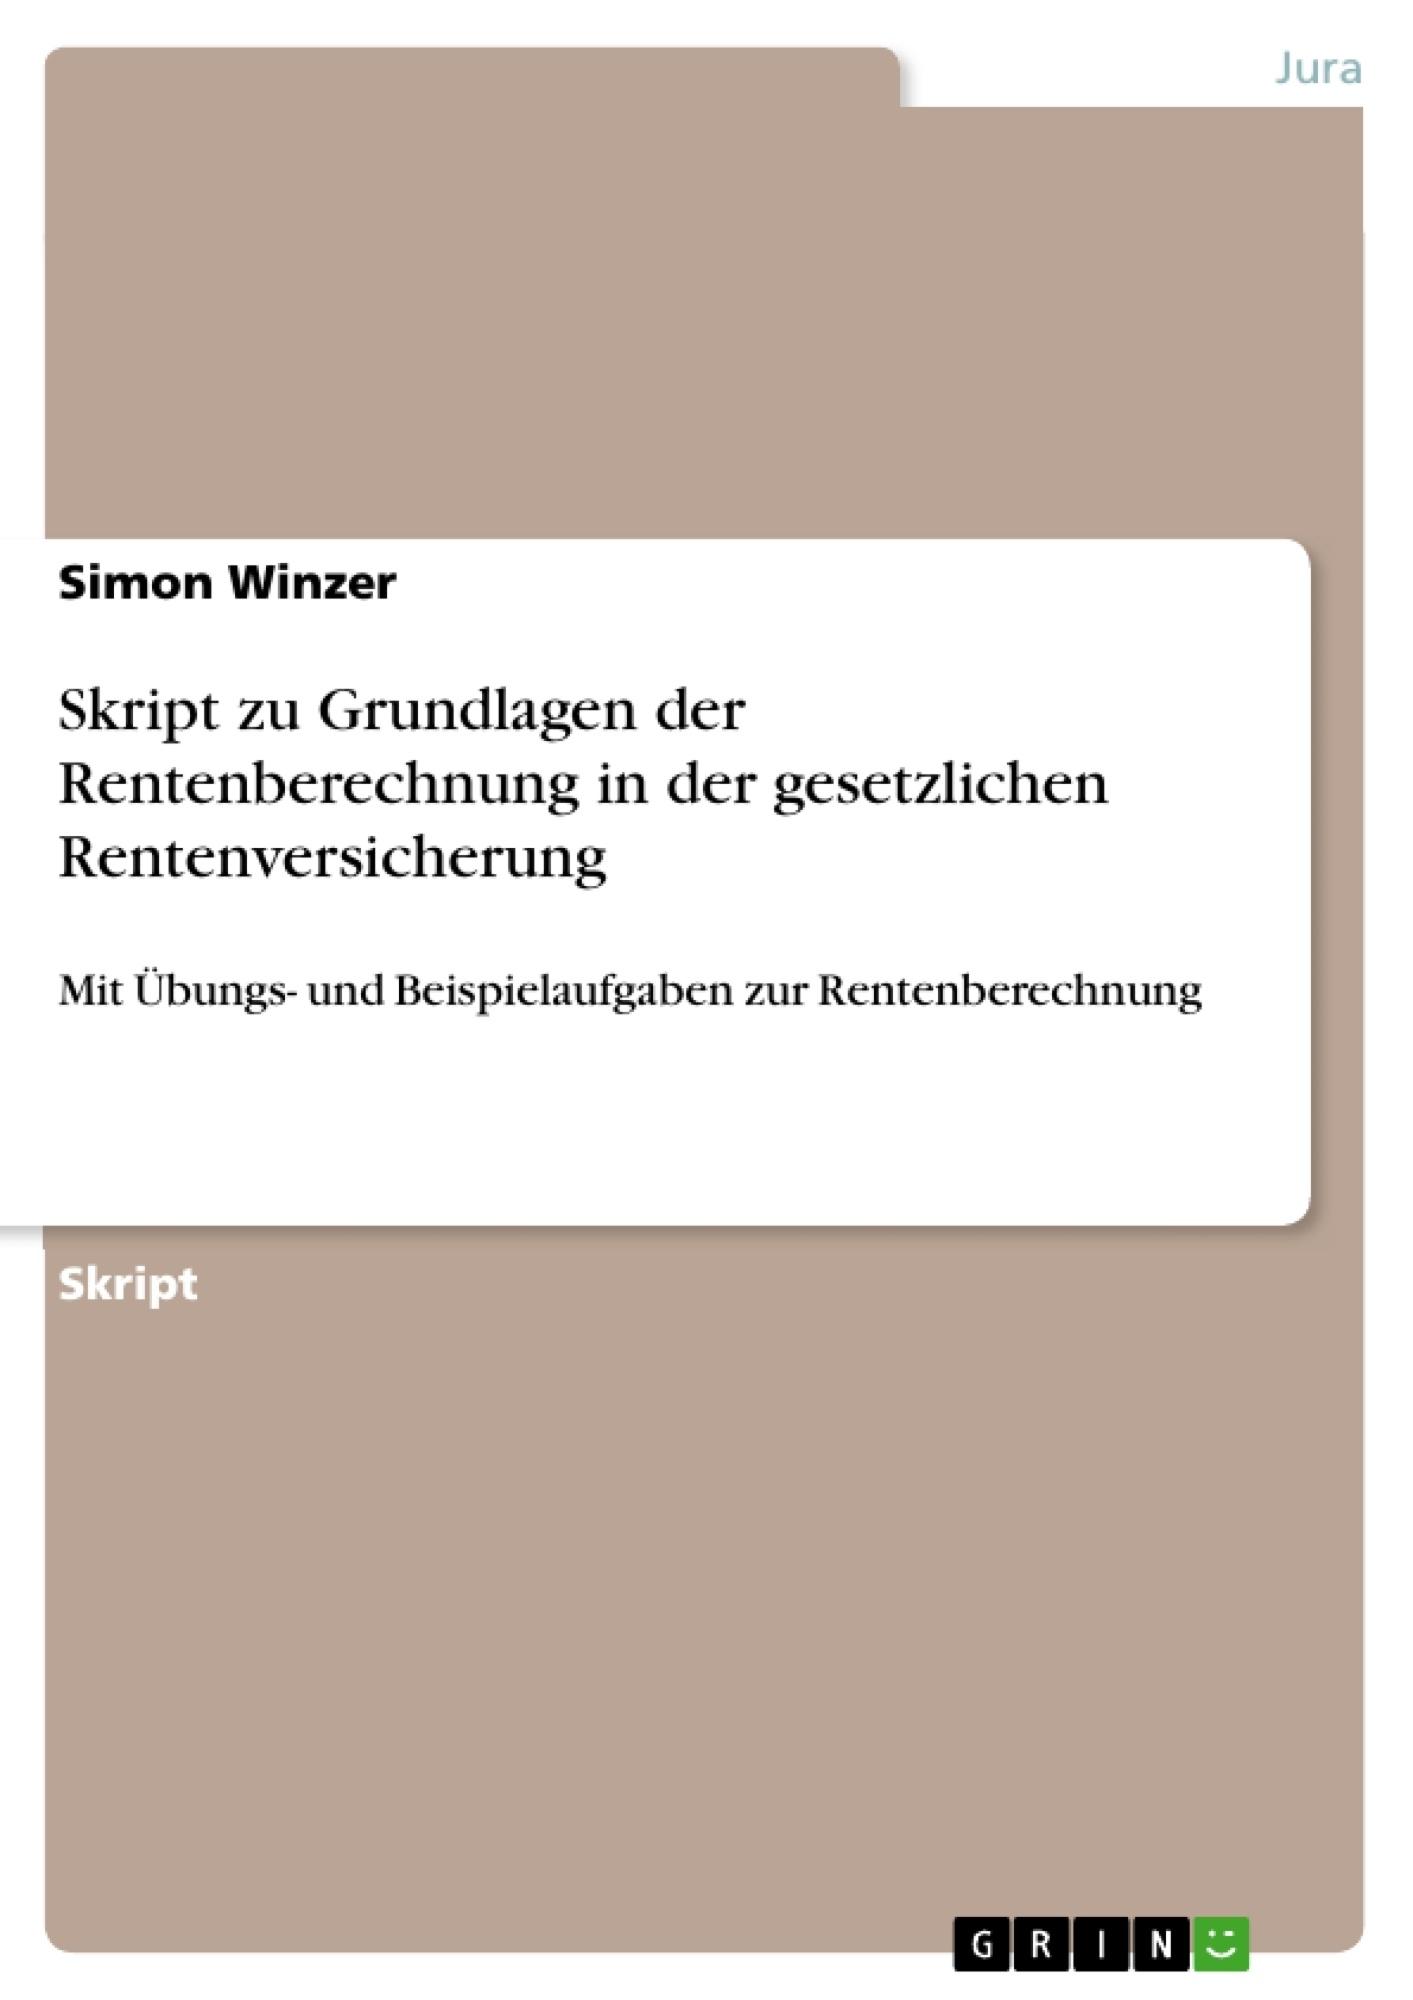 Titel: Skript zu Grundlagen der Rentenberechnung in der gesetzlichen Rentenversicherung